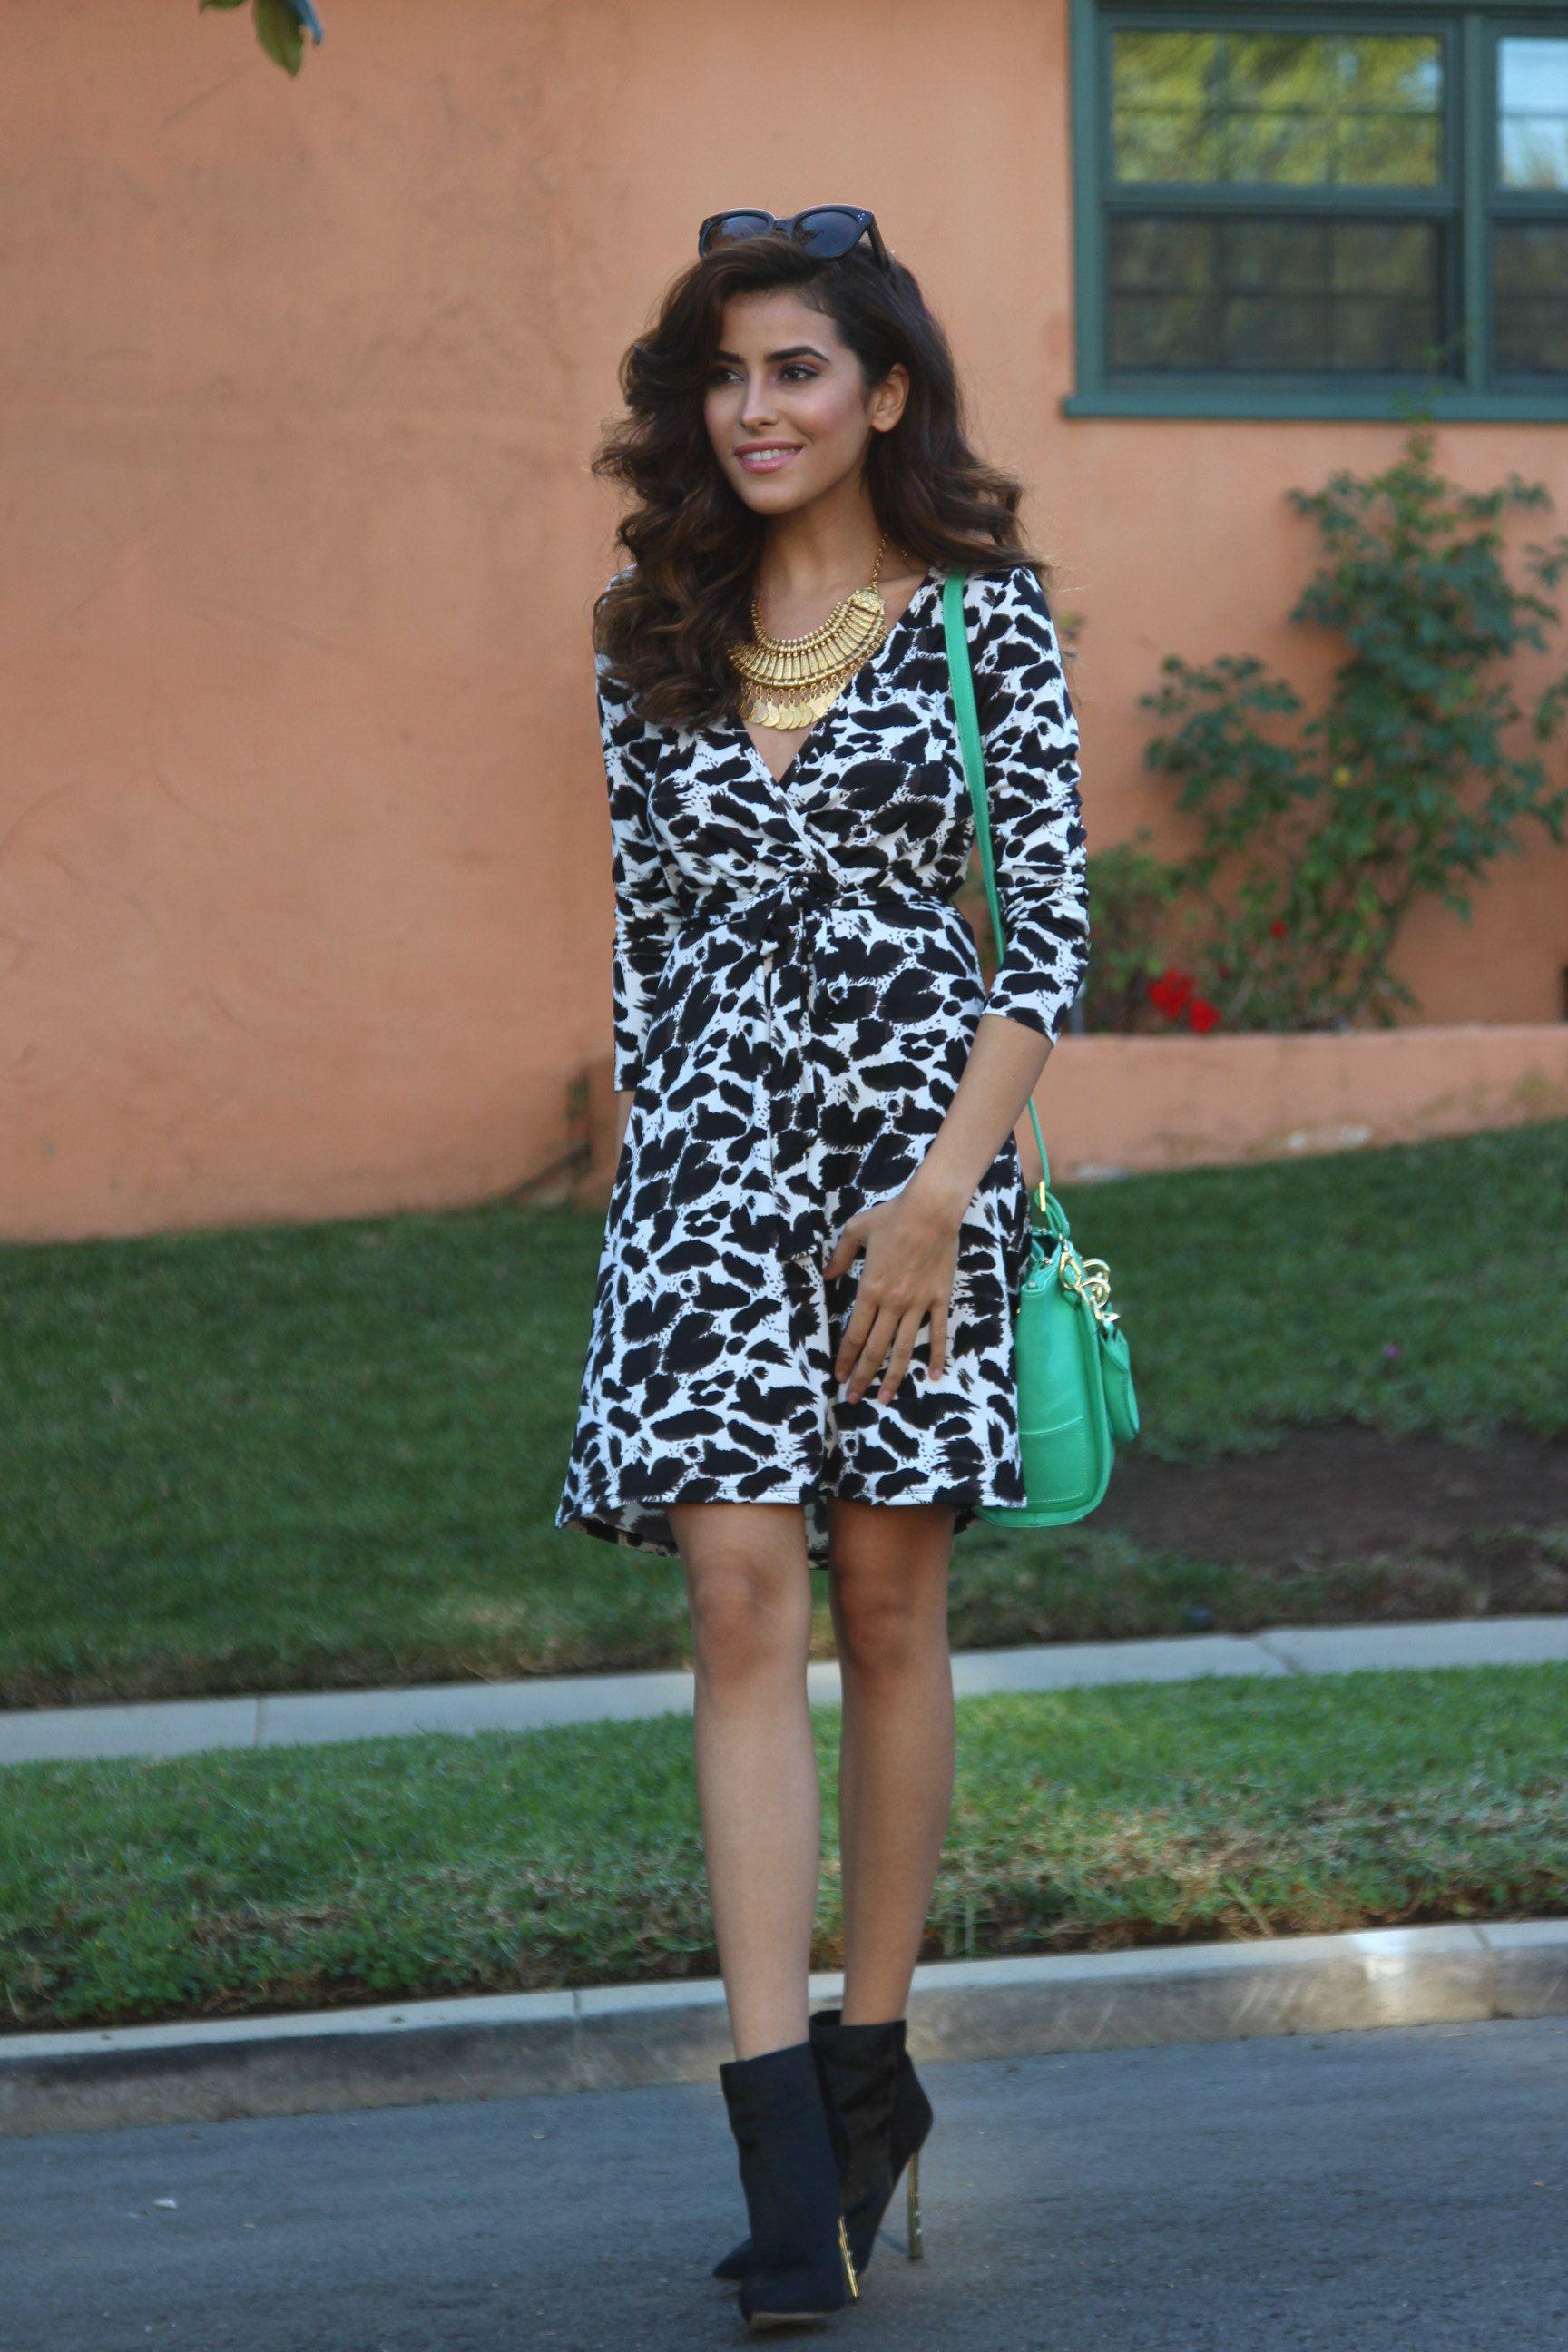 Wrap Dress From Walmart Say What Sazan Barzani Little Dresses Dresses Wrap Dress [ 2592 x 1728 Pixel ]